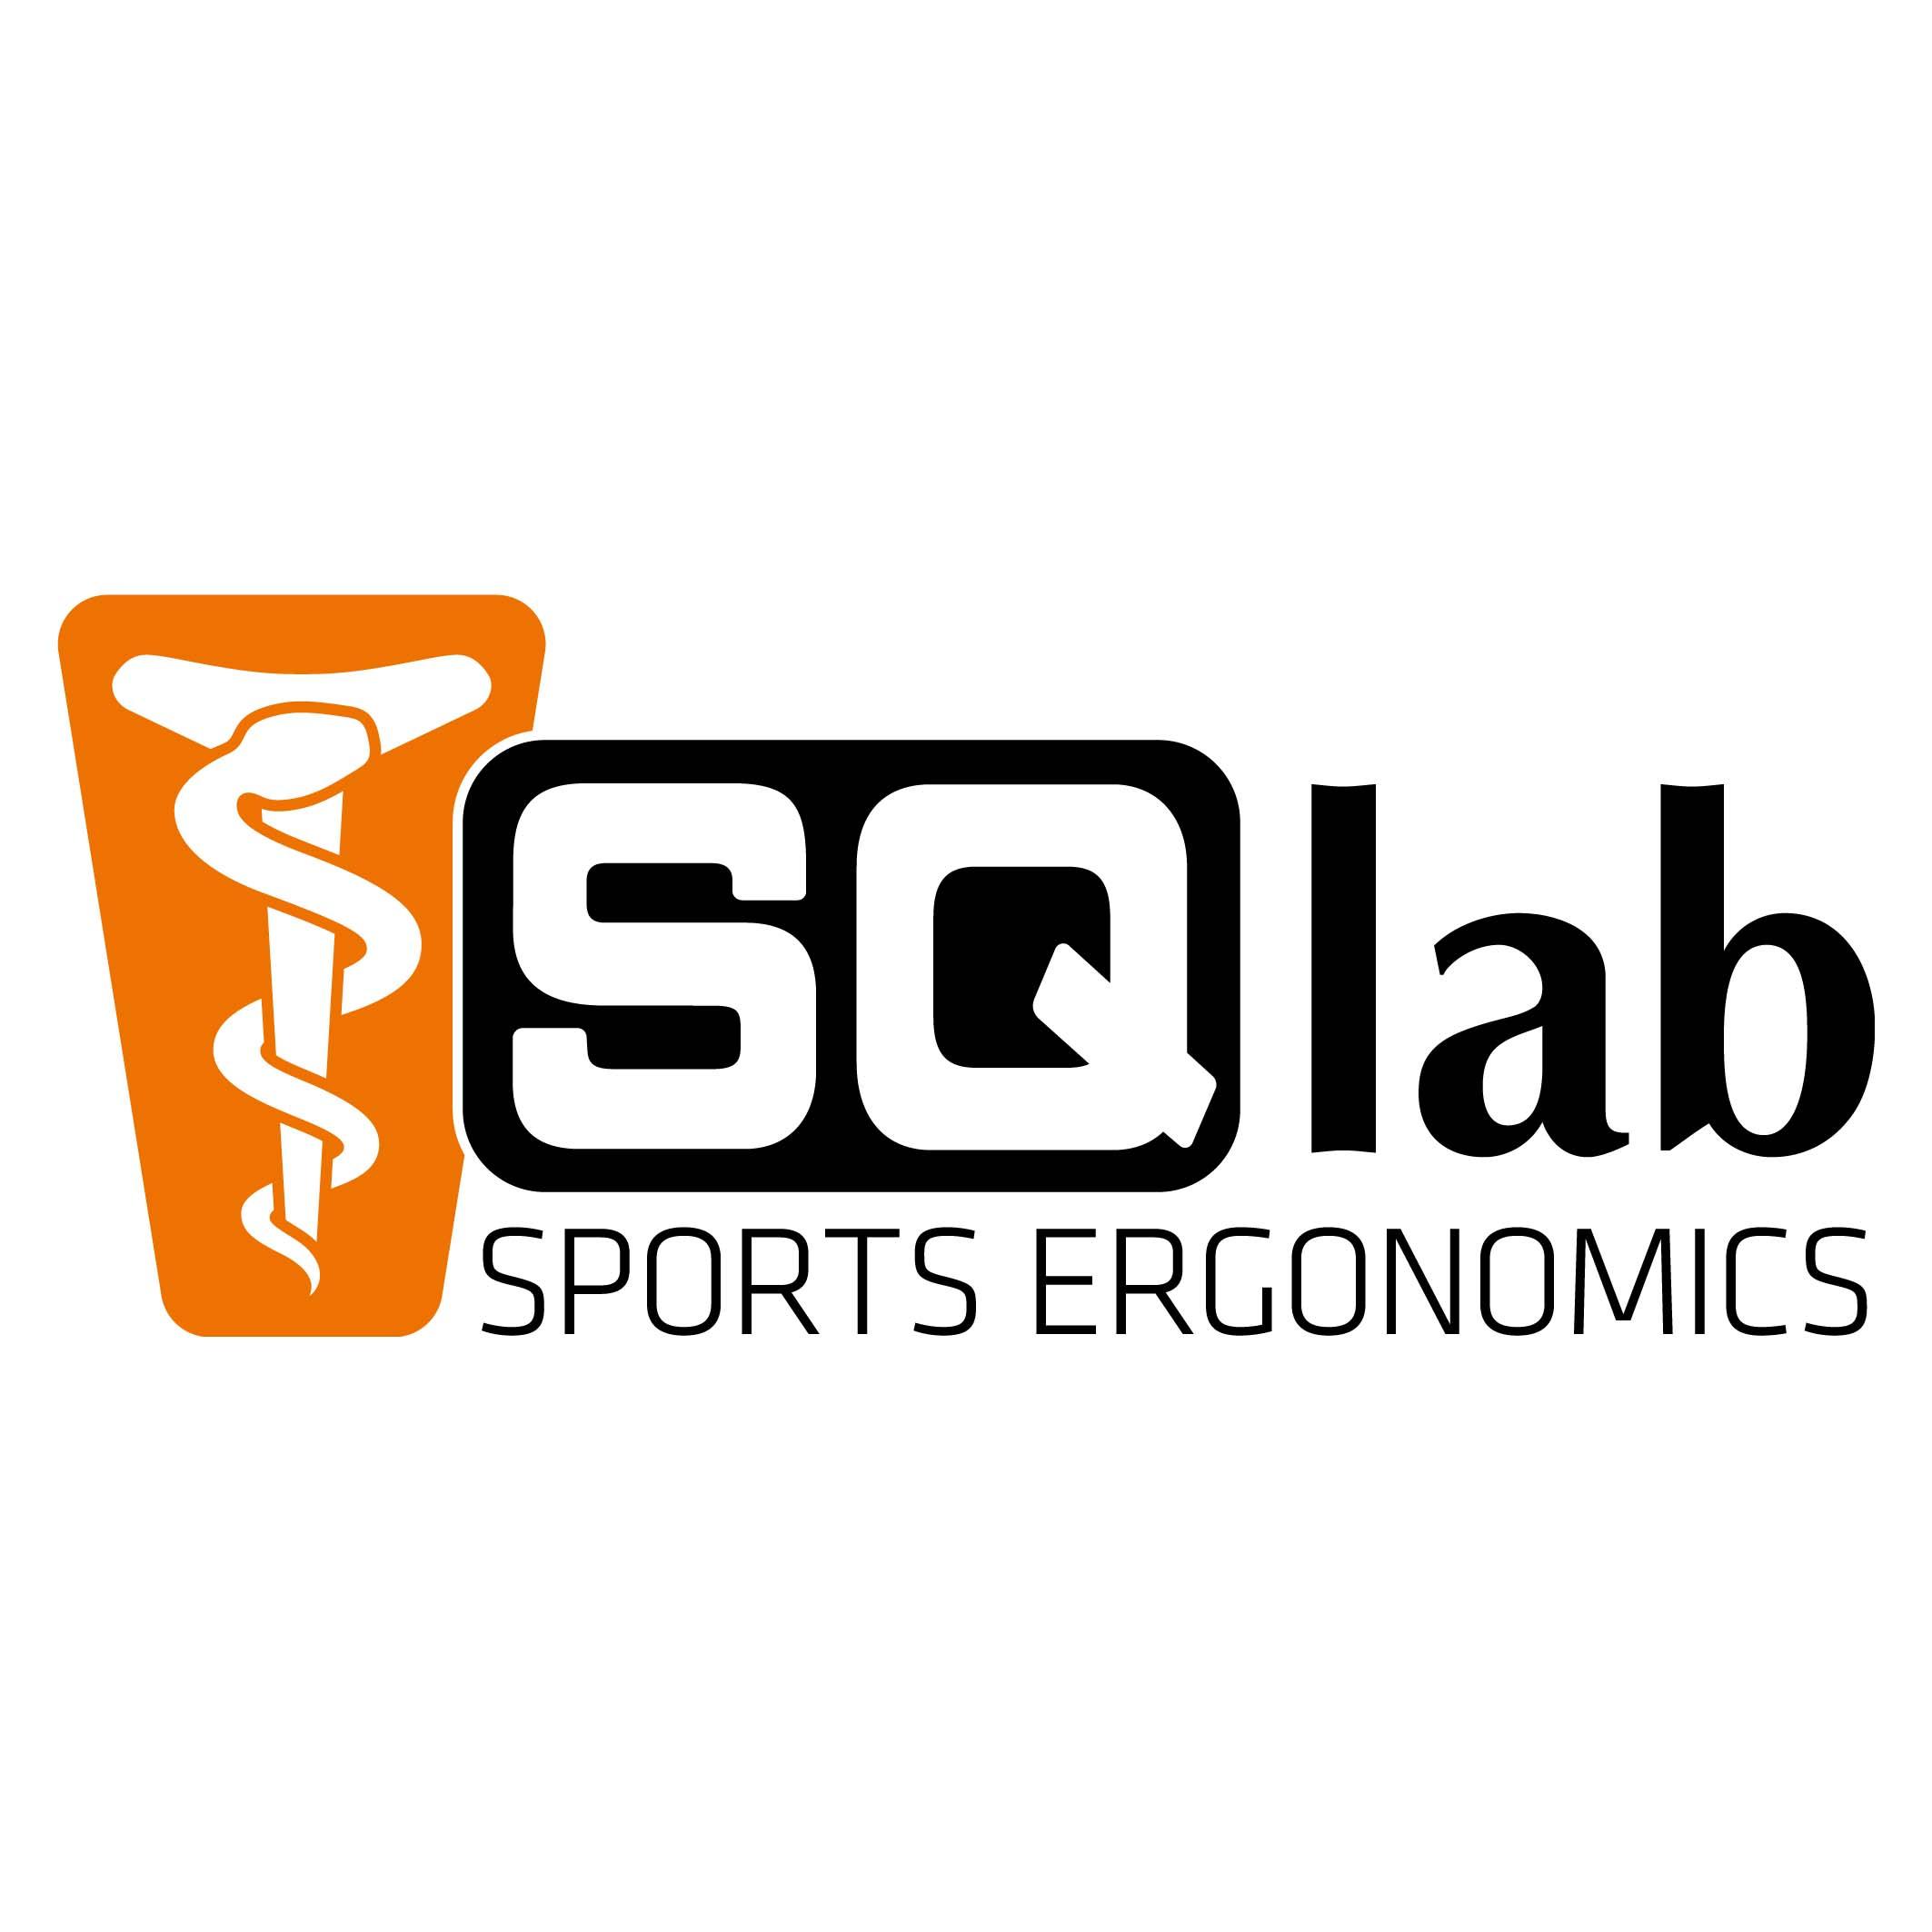 sq-logo-2015.jpg